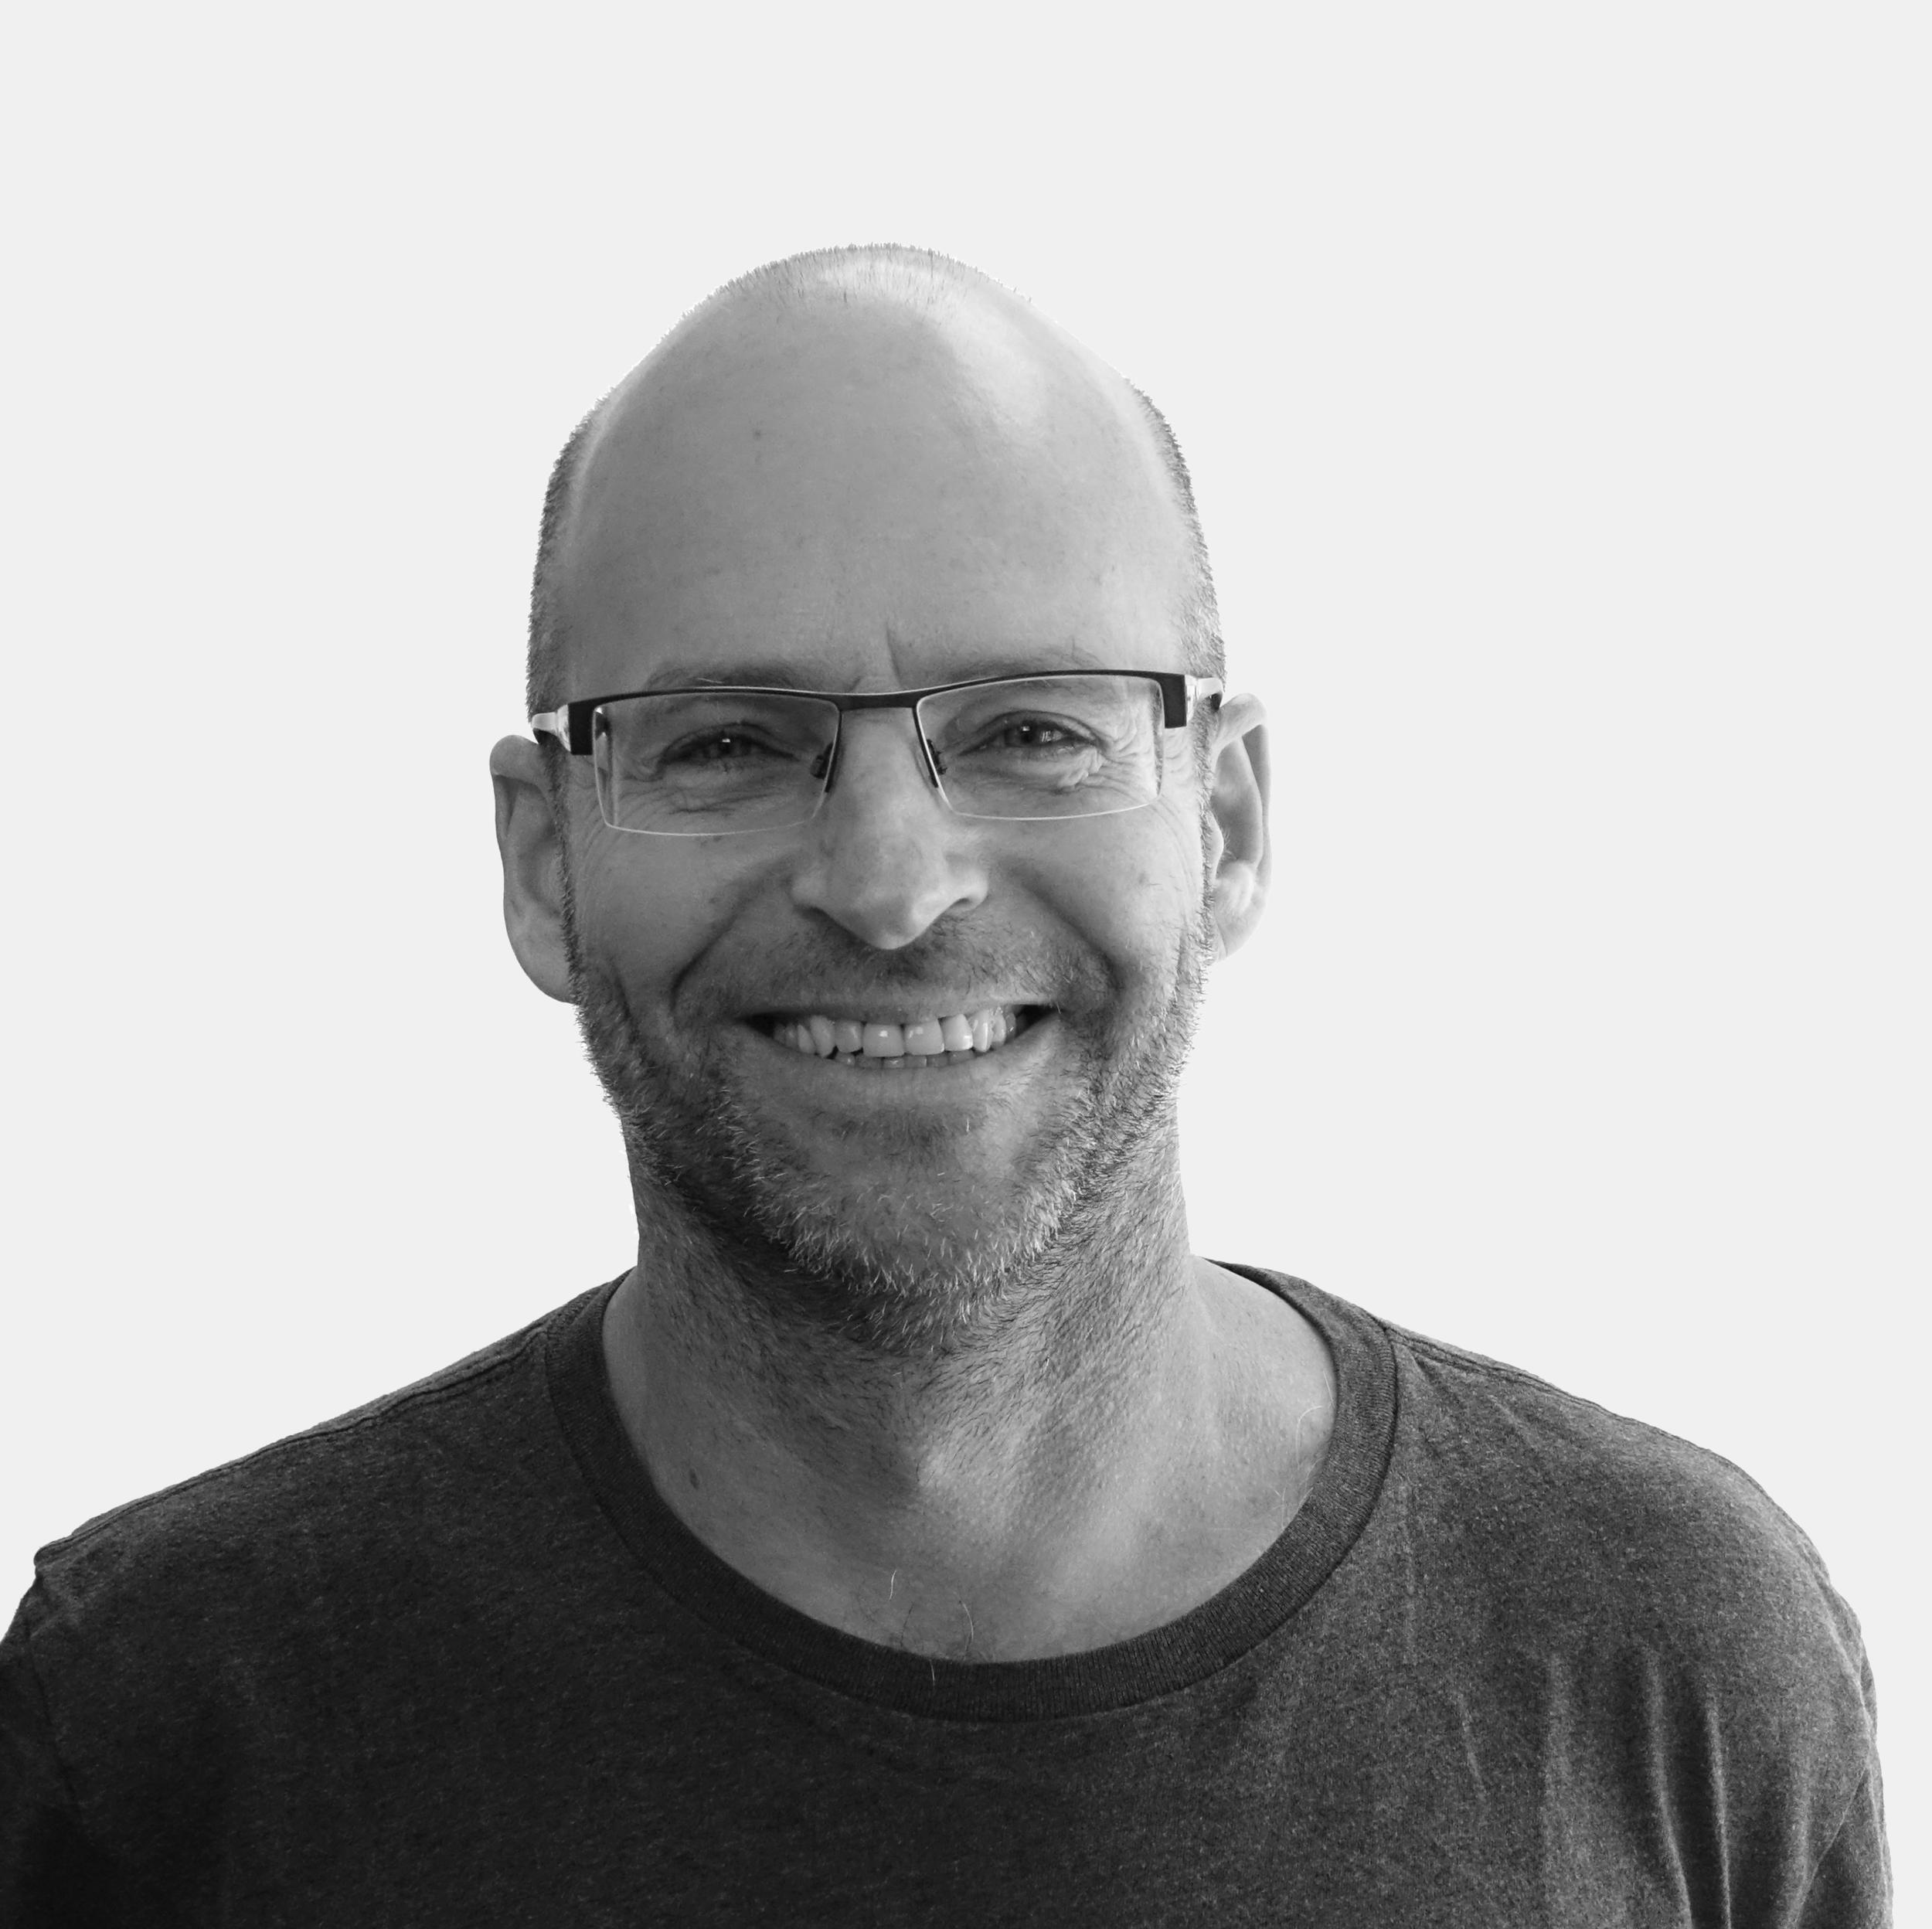 Omer Shatil - Senior Software Engineer